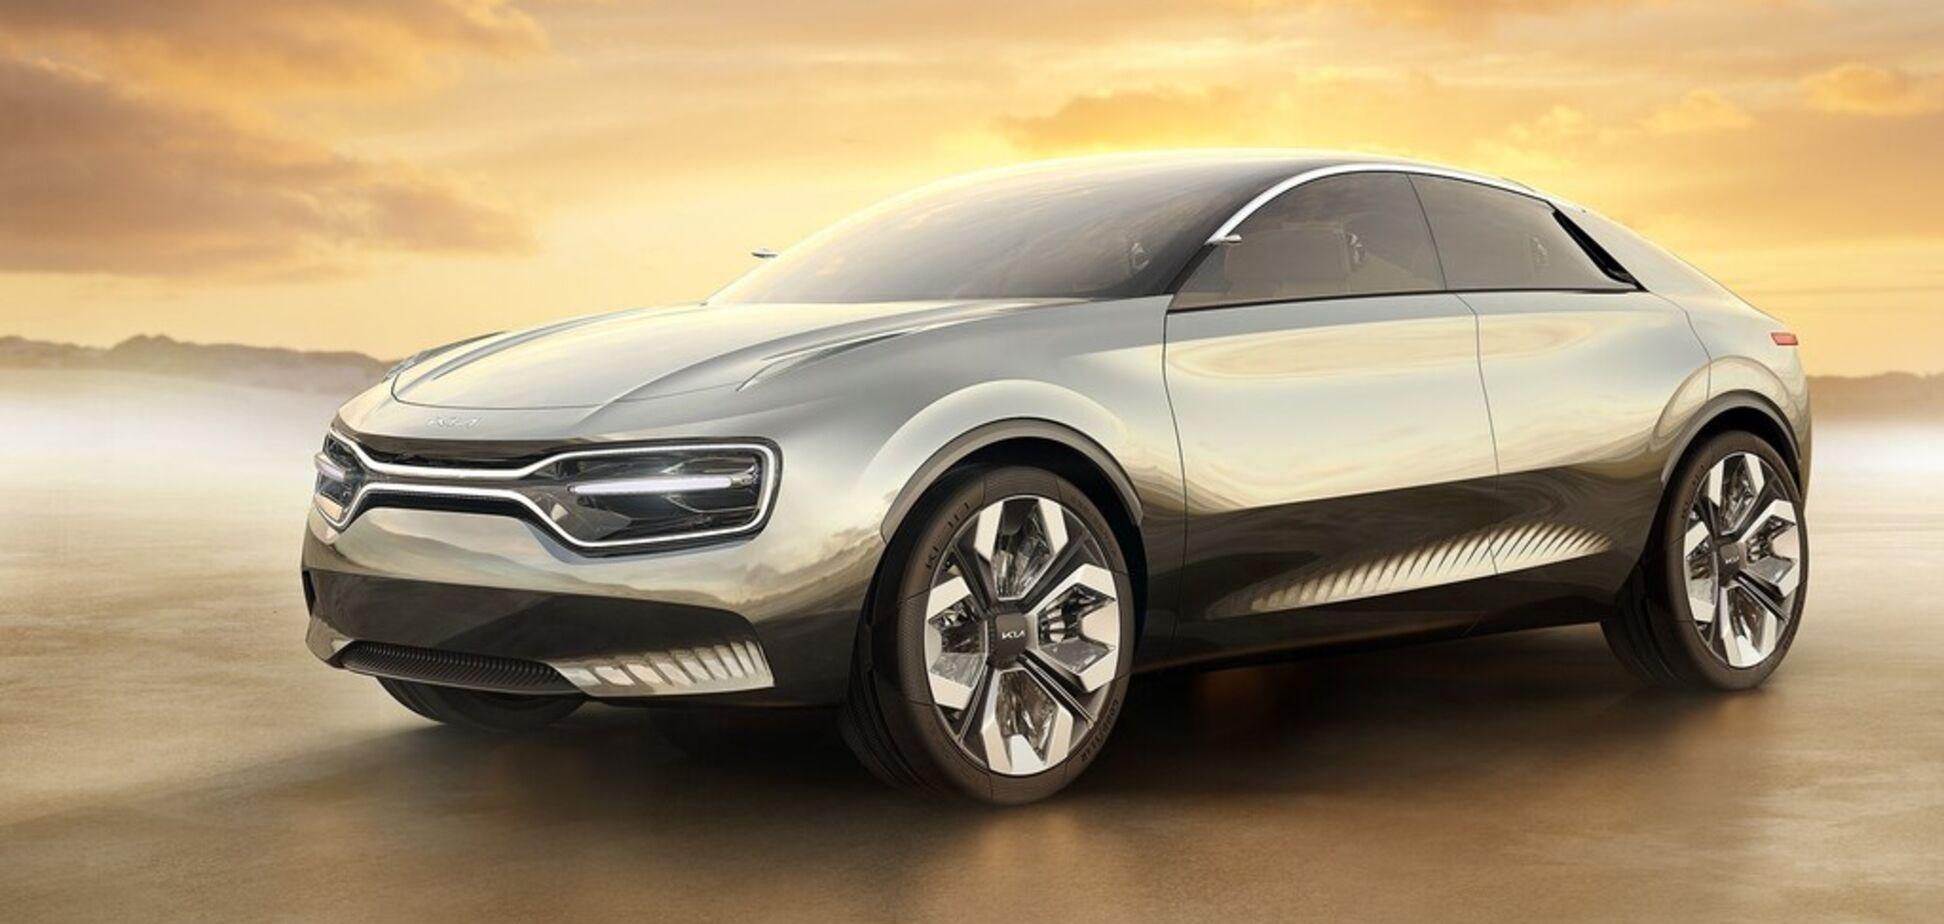 Kia готовится атаковать рынок электромобилей